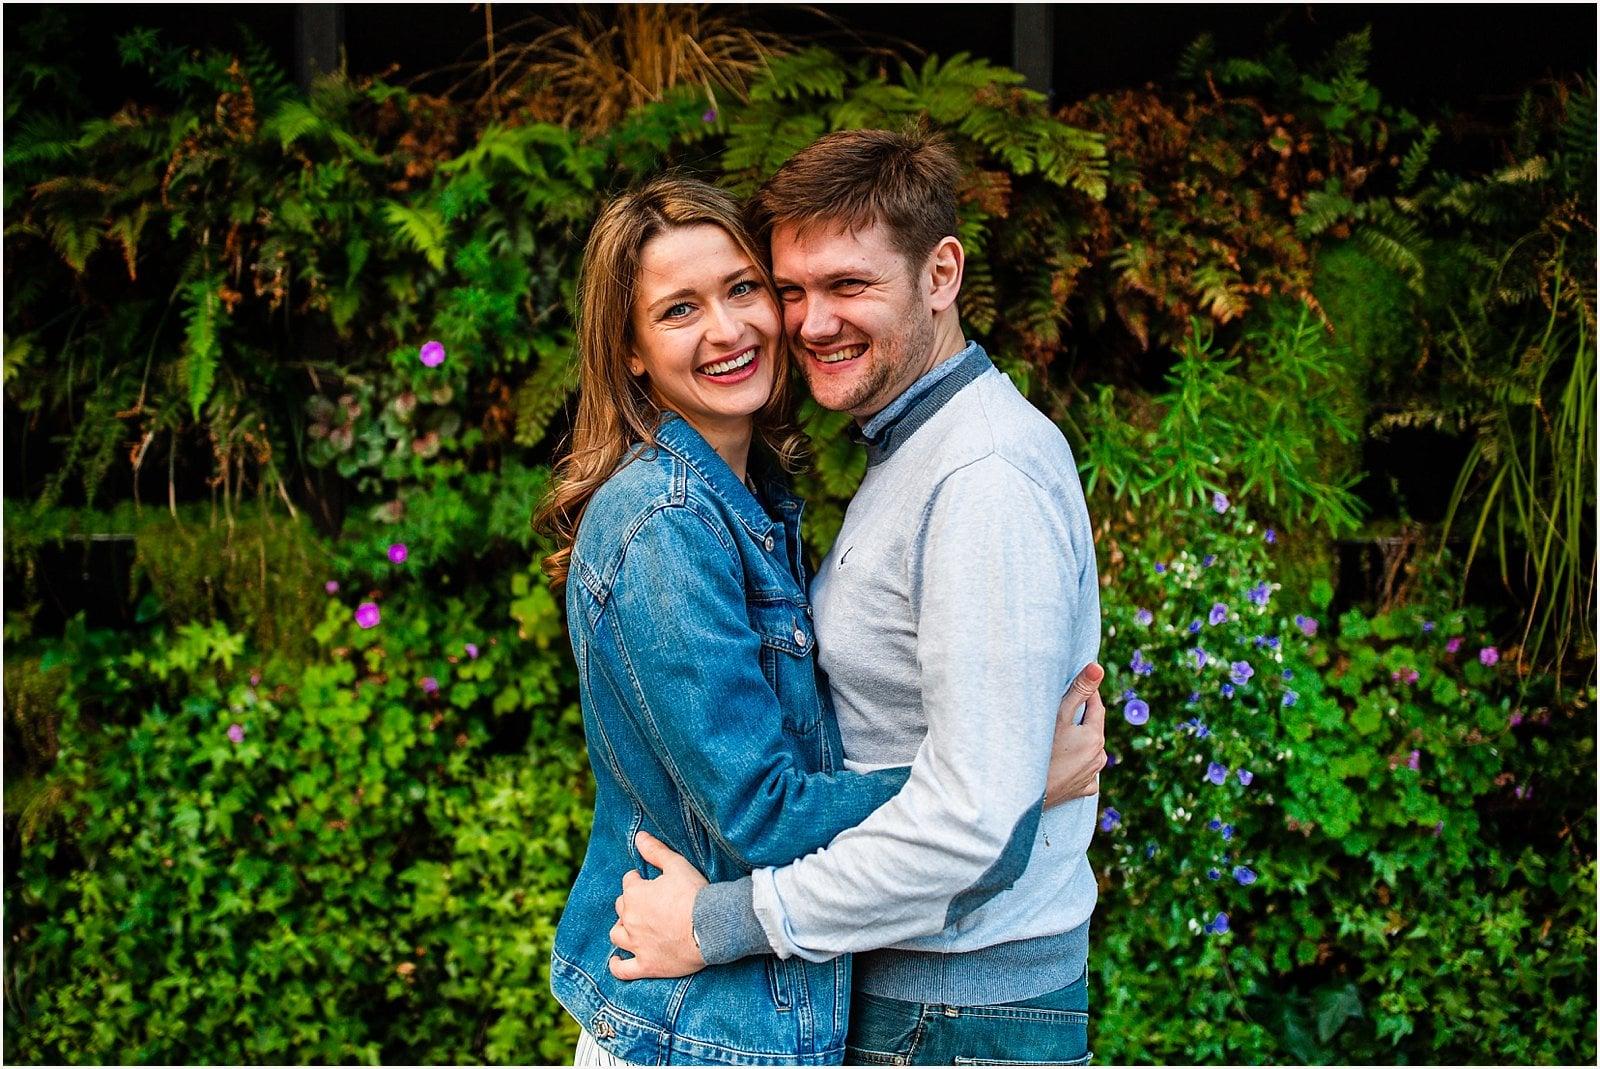 Stunning London Engagement Photos - Ksenia & Iain 14